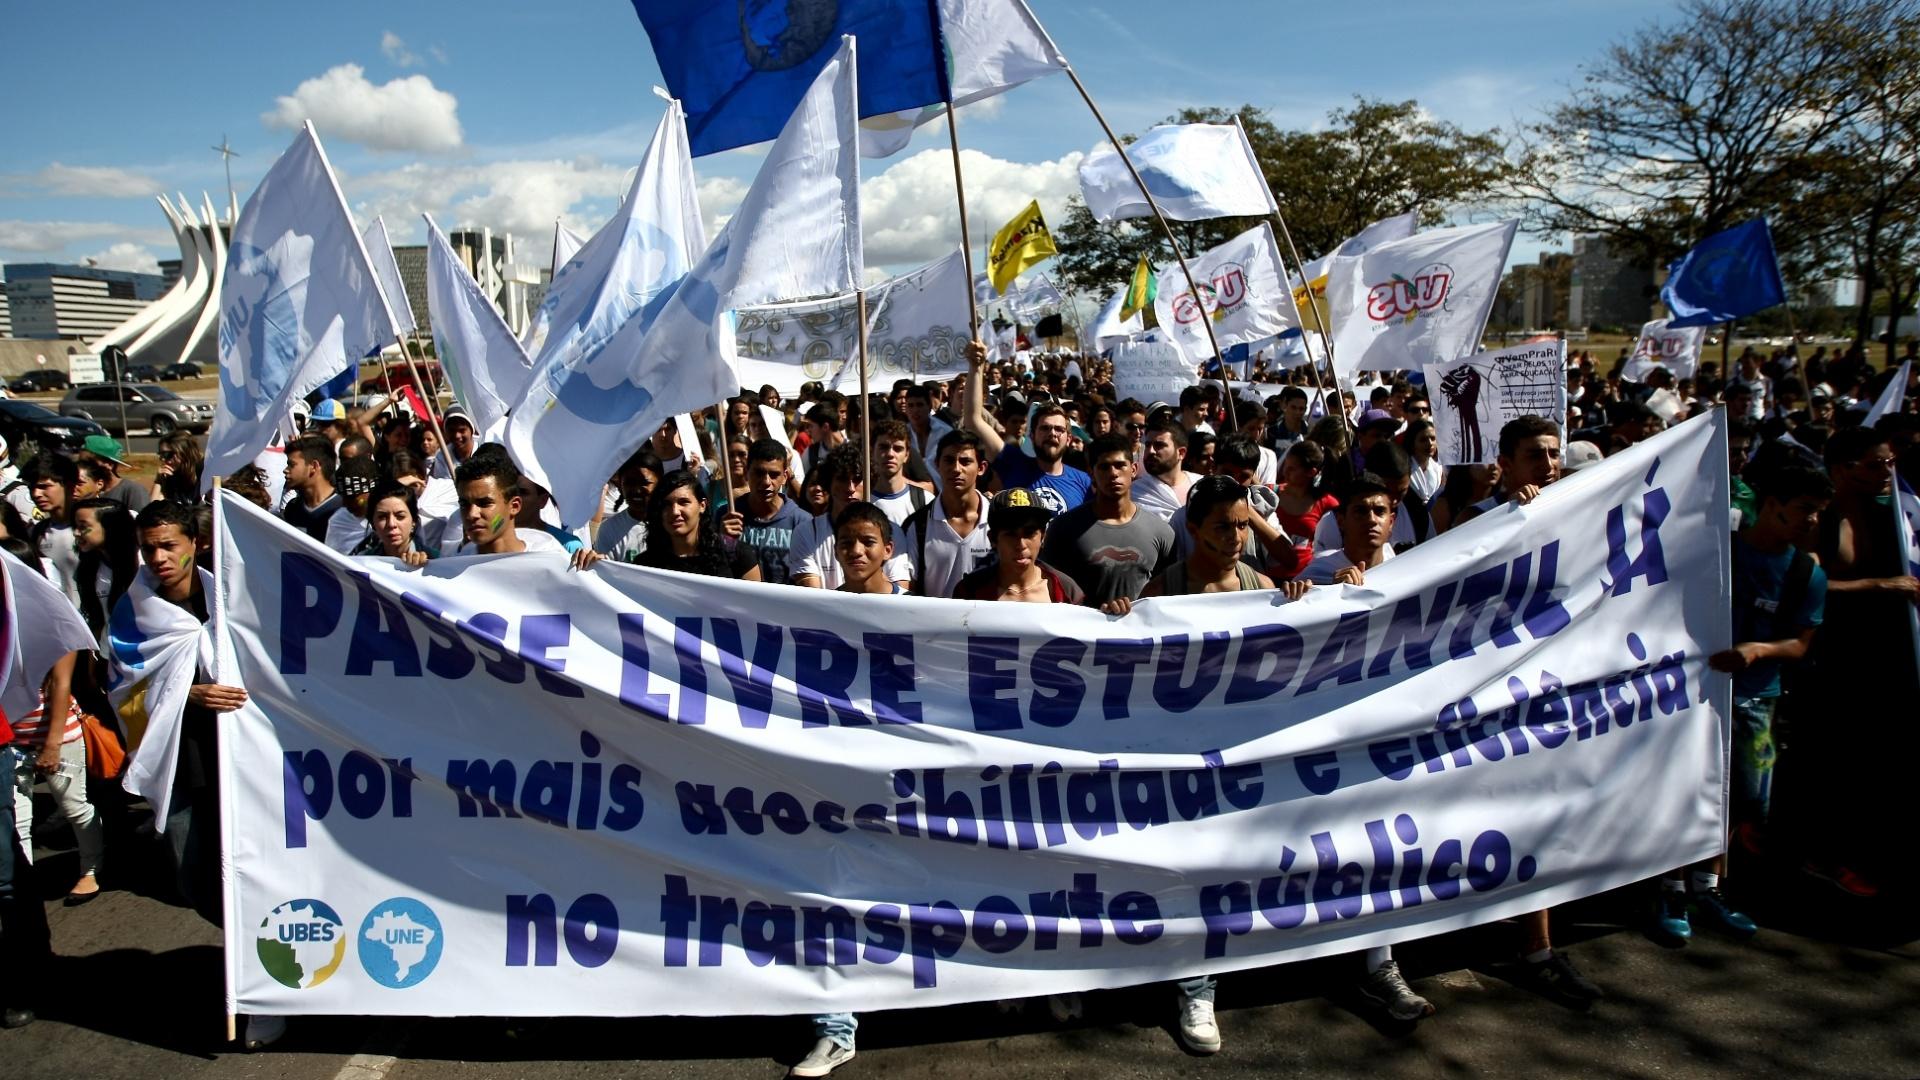 27.jun.2013 - Estudantes marcharam até o Congresso Nacional em protesto nesta quinta-feira. A marcha terminou no espelho d'água em frente ao Congresso. A manifestação, liderada pela UNE (União Nacional de Estudantes) e pela UBES (União Brasileira de Estudantes Secundaristas), pede 10% do